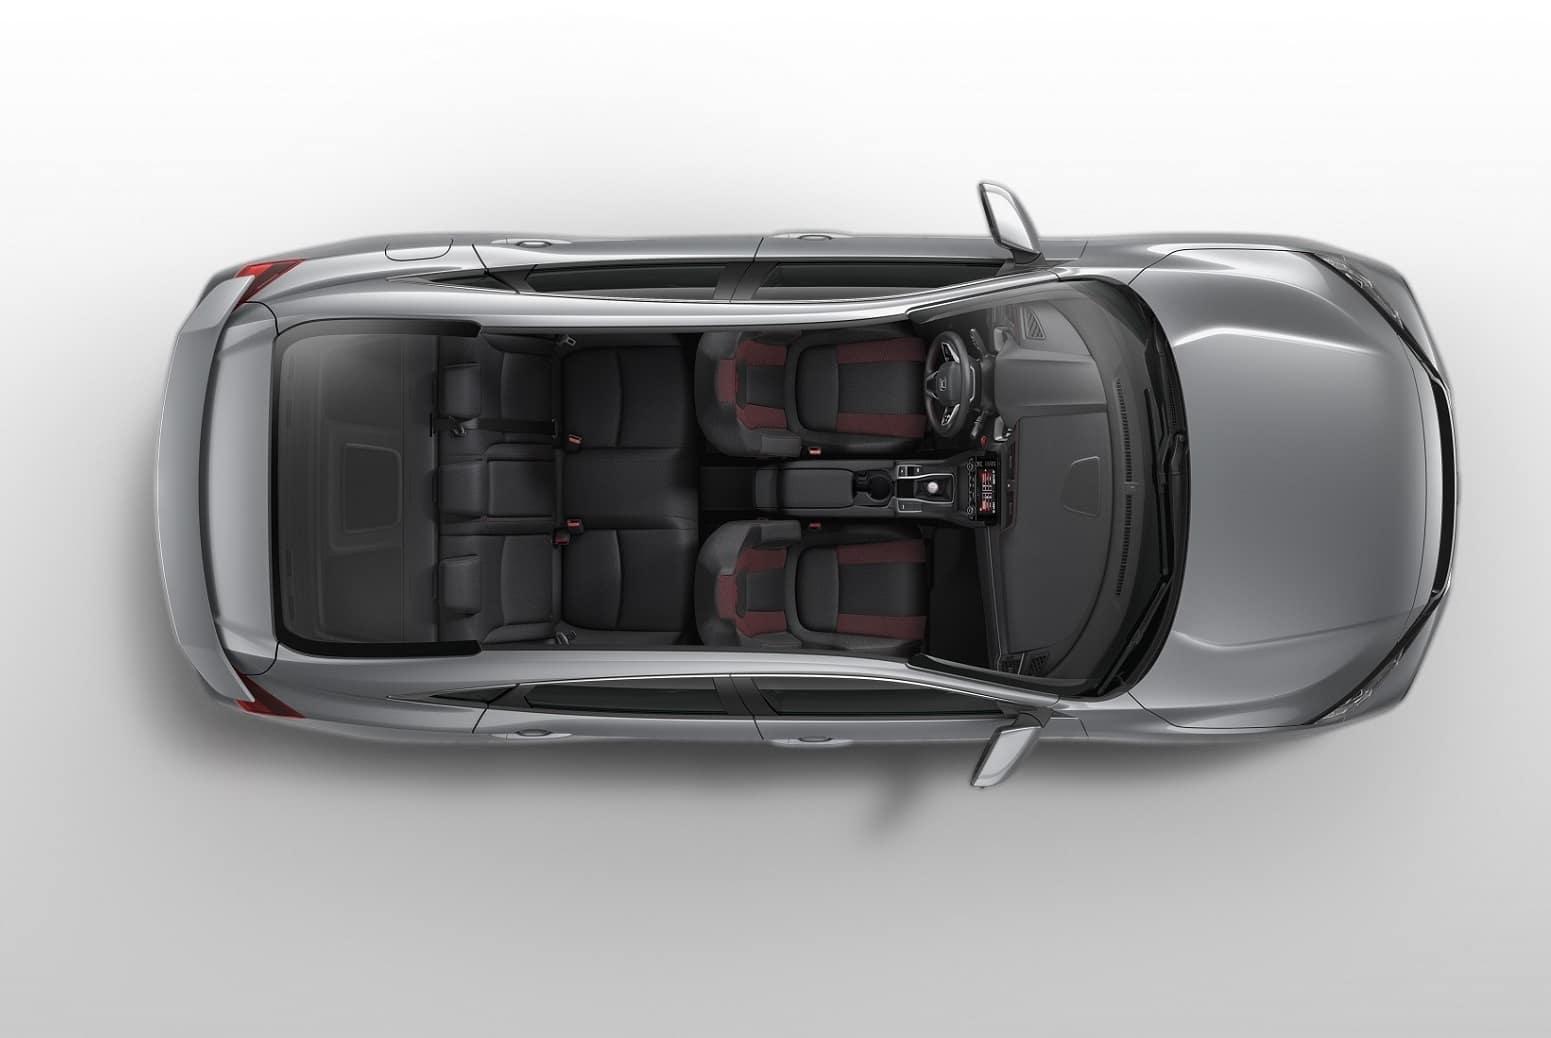 Honda Civic Design